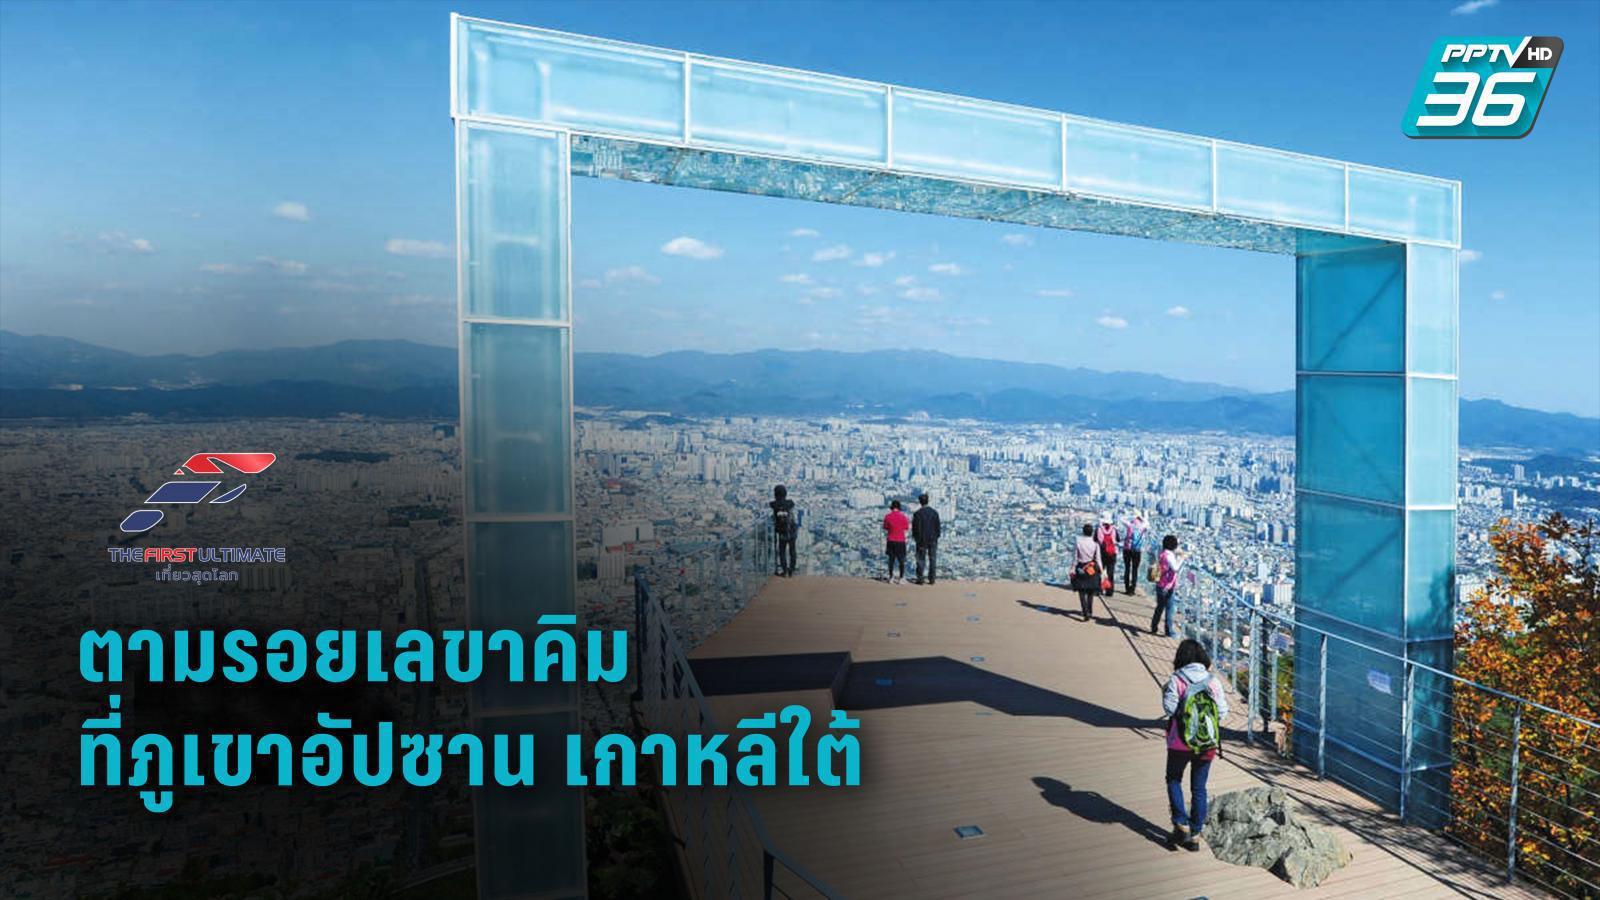 The First Ultimate | ภูเขาอัปซาน เมืองแดกู ประเทศเกาหลีใต้ | Highlight